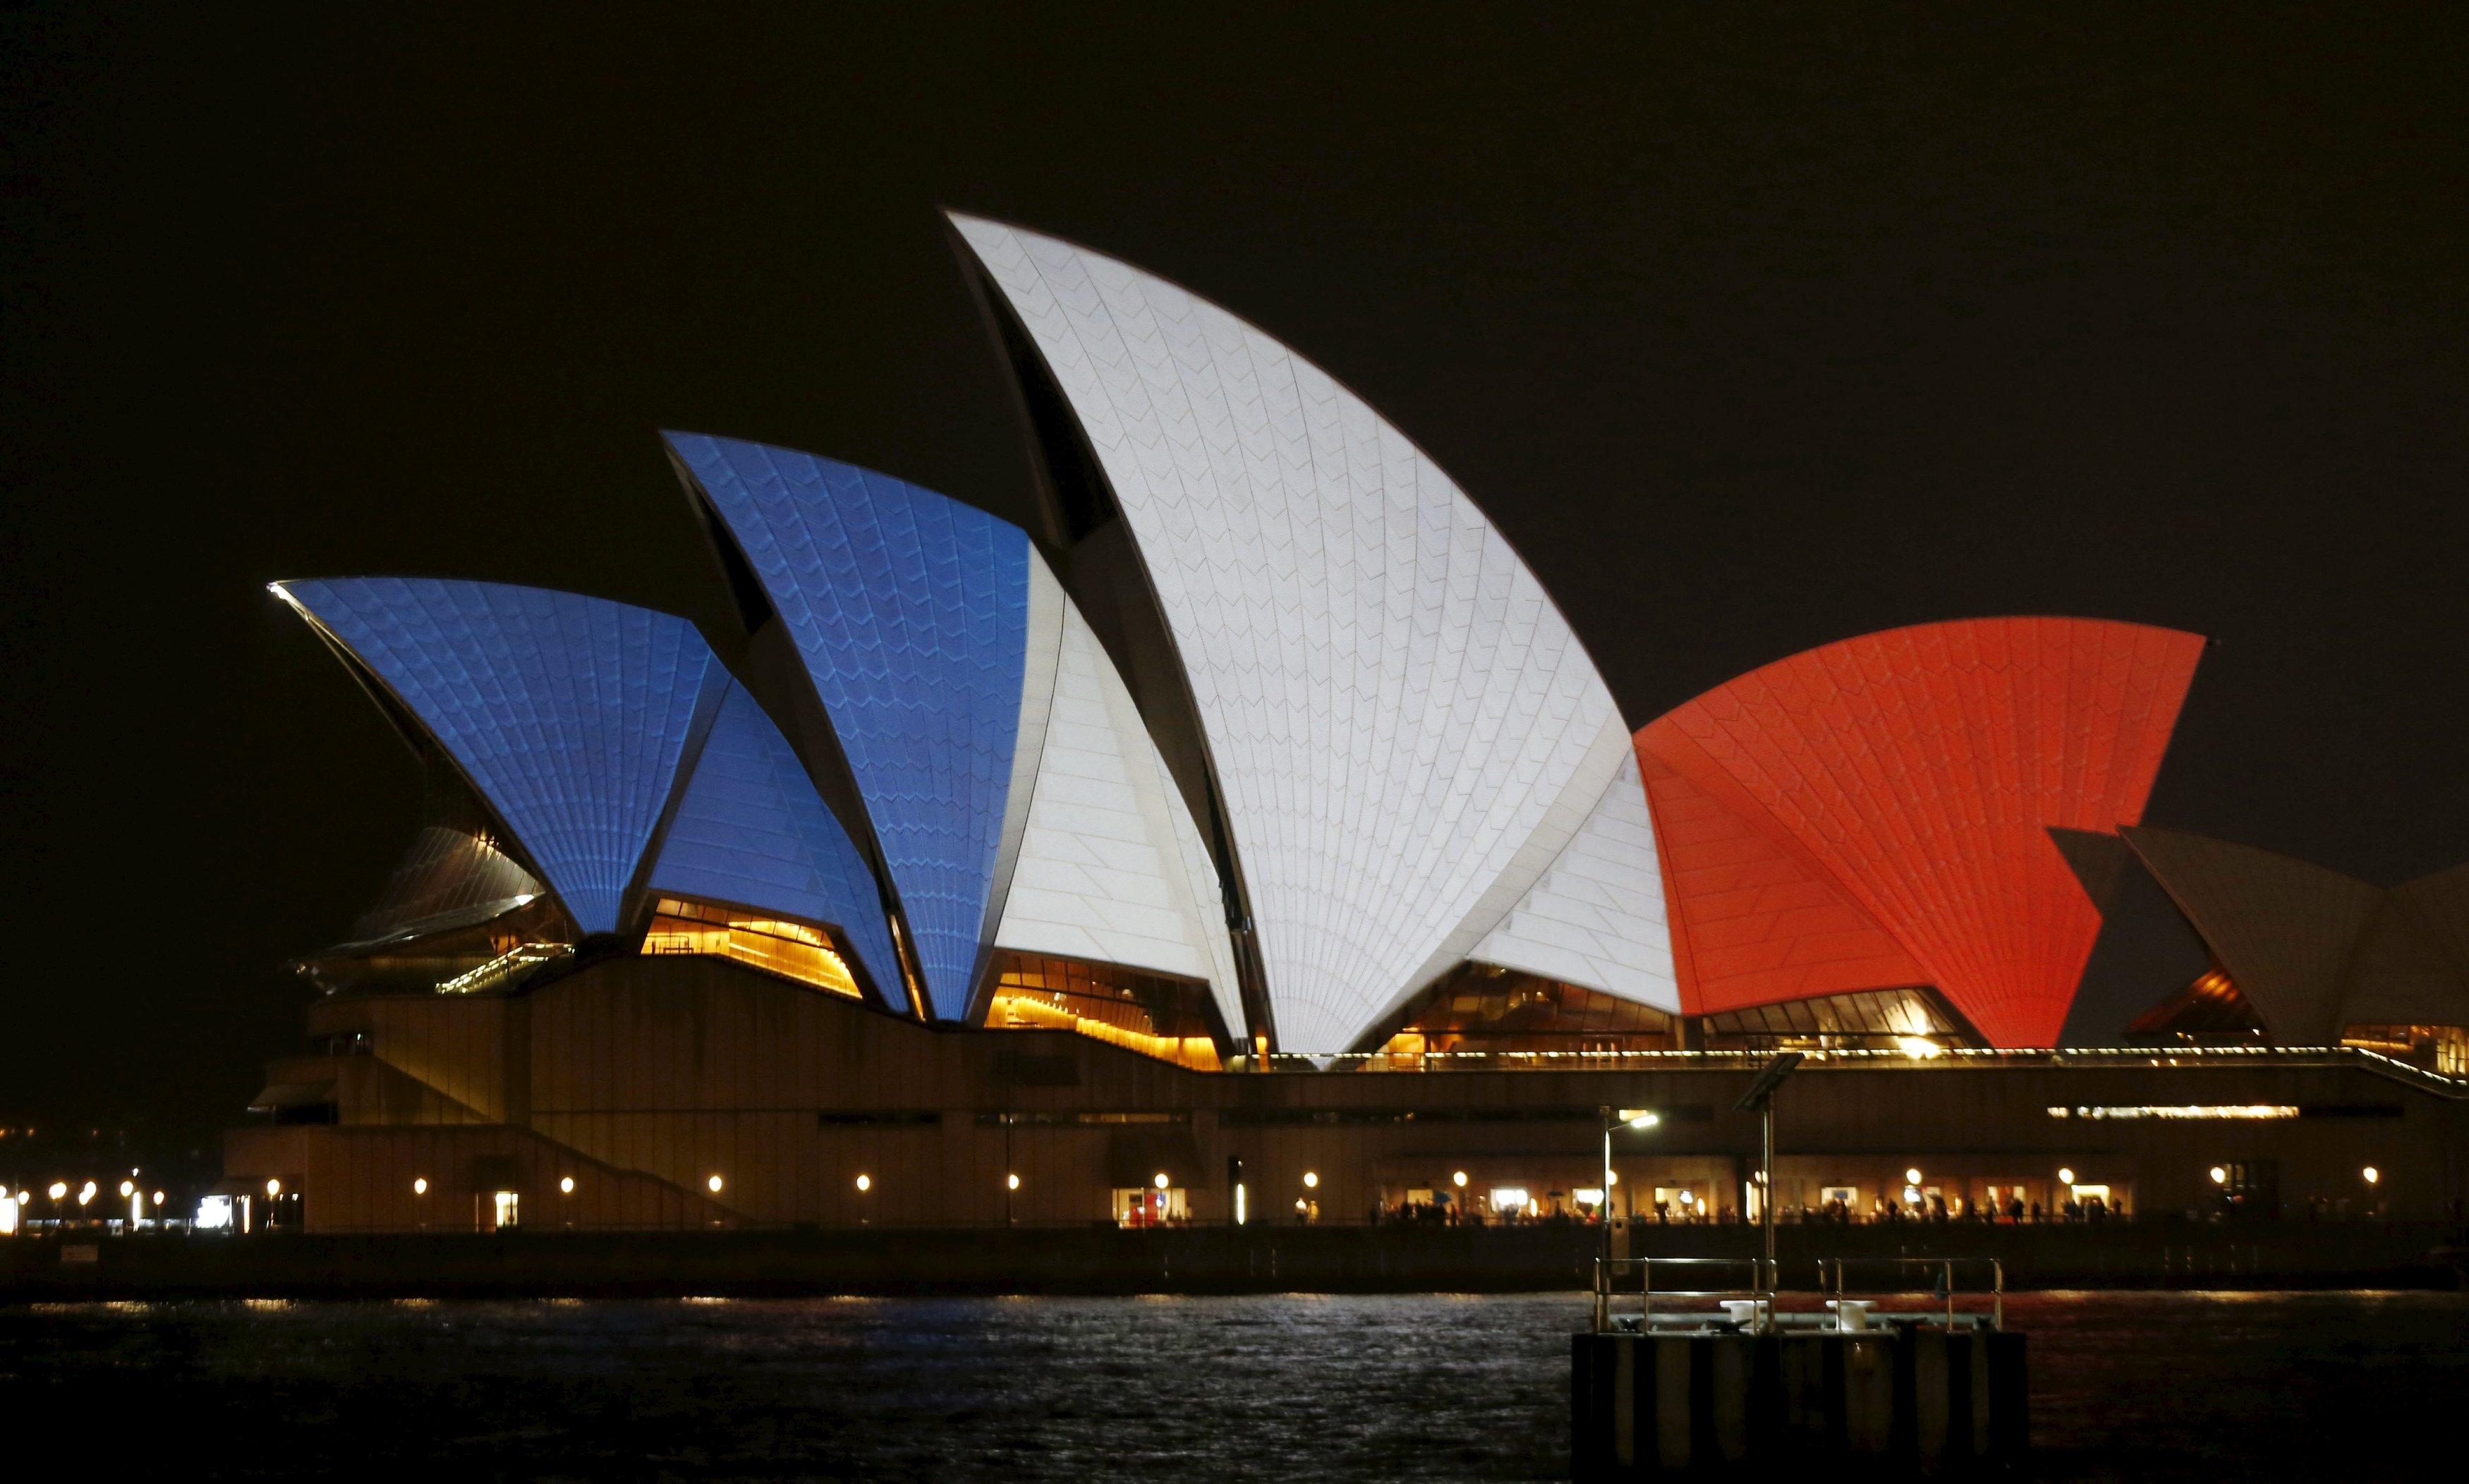 Warna biru, putih, dan merah dari bendera nasional Prancis diproyeksikan ke bangunan Sydney Opera House di Australia, Sabtu (14/11). ANTARA FOTO/REUTERS/Jason Reed.